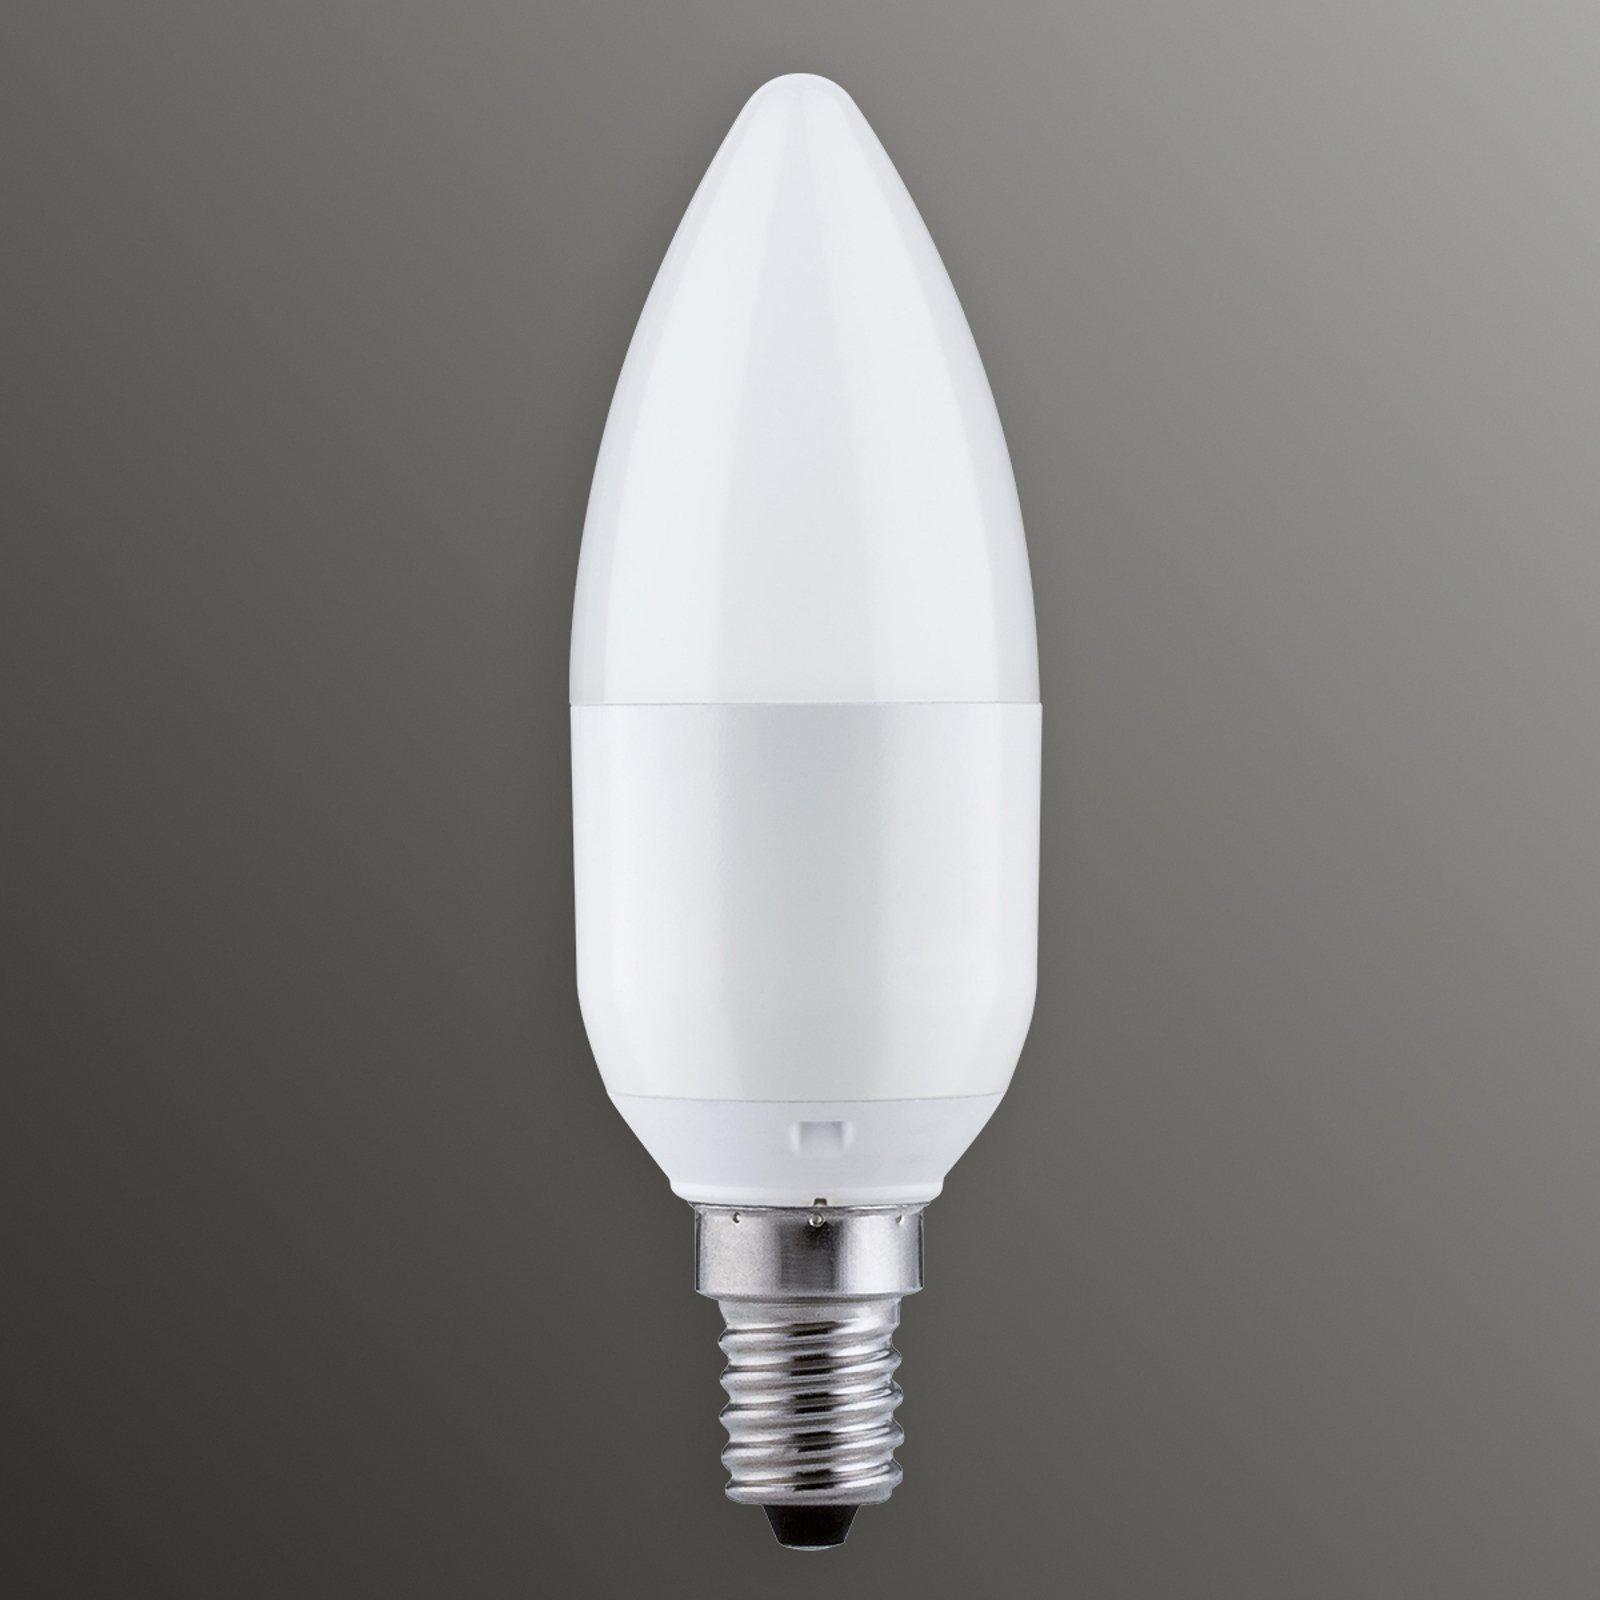 E14 5,5W 827 LED-stearinlyslampe dimmfunksjon